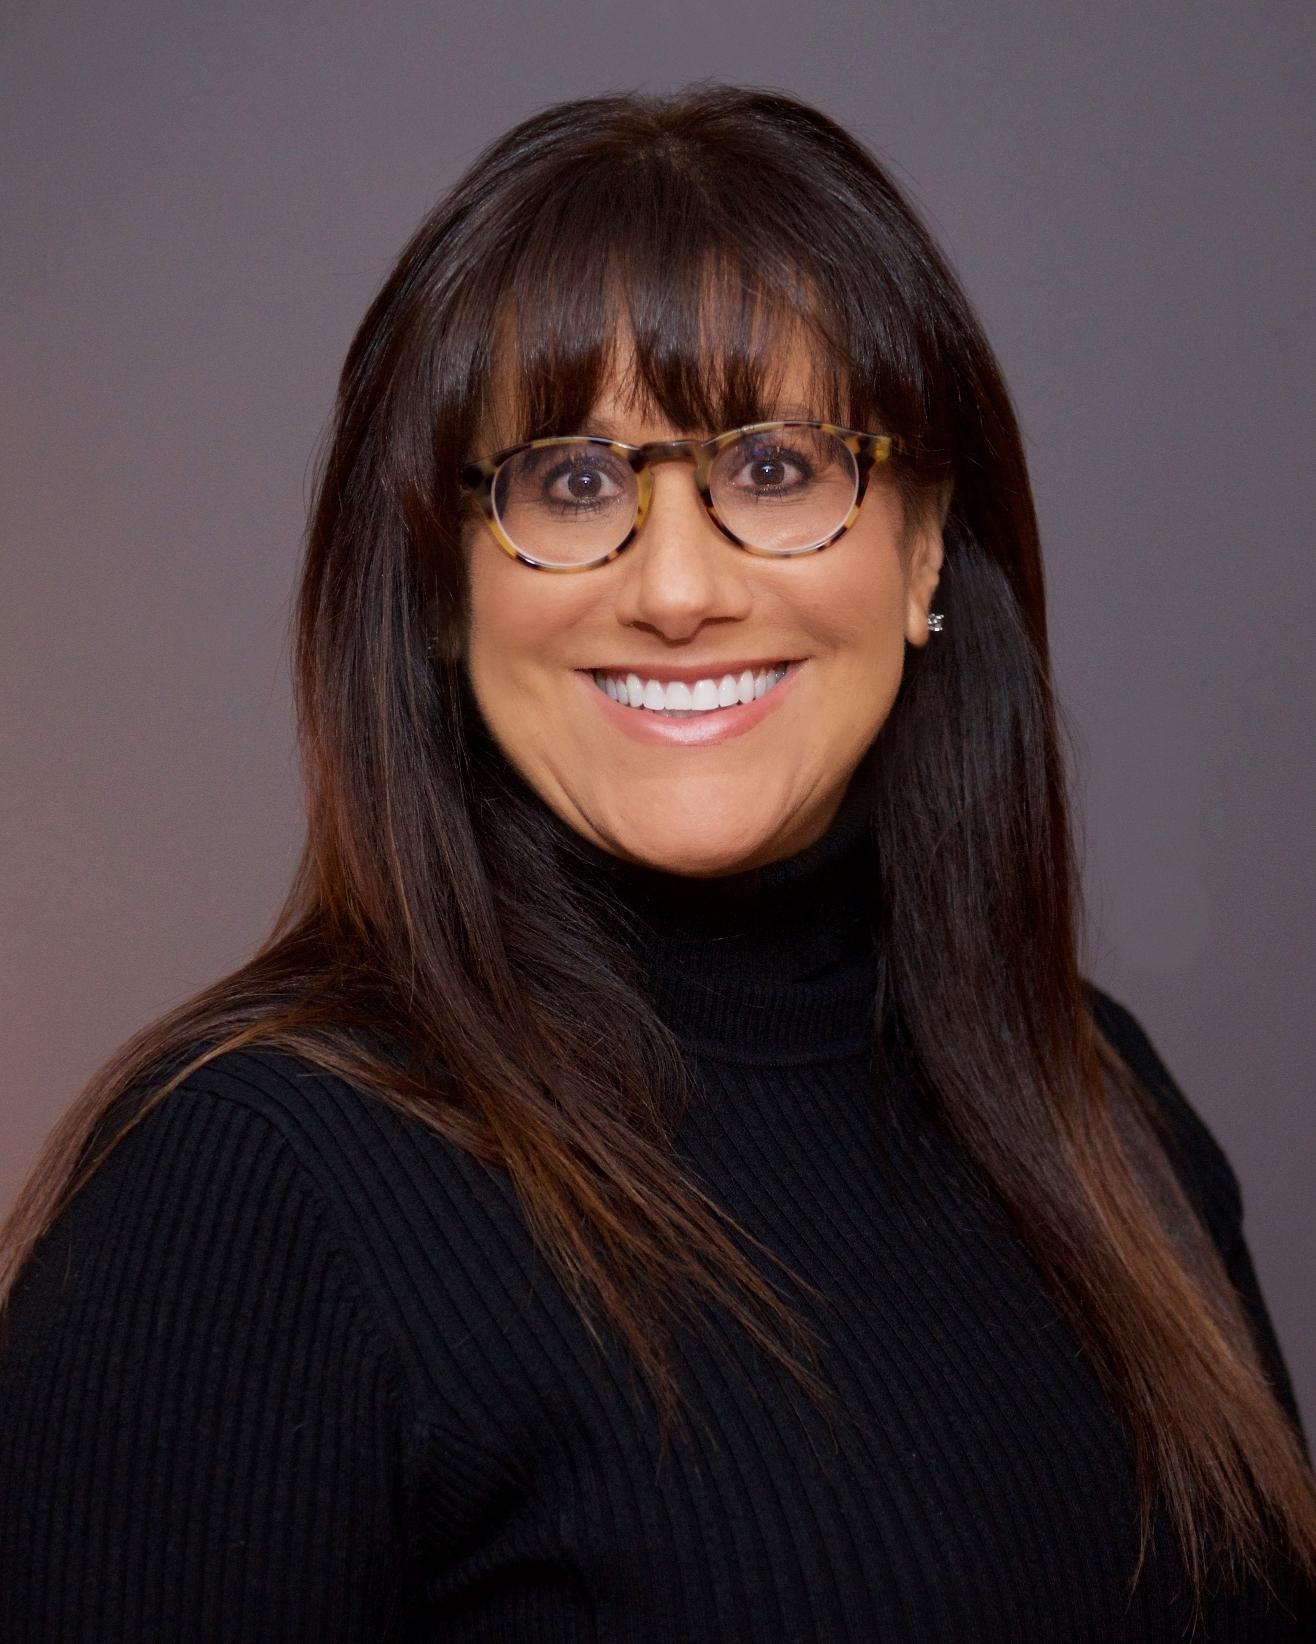 Nina Dietrich